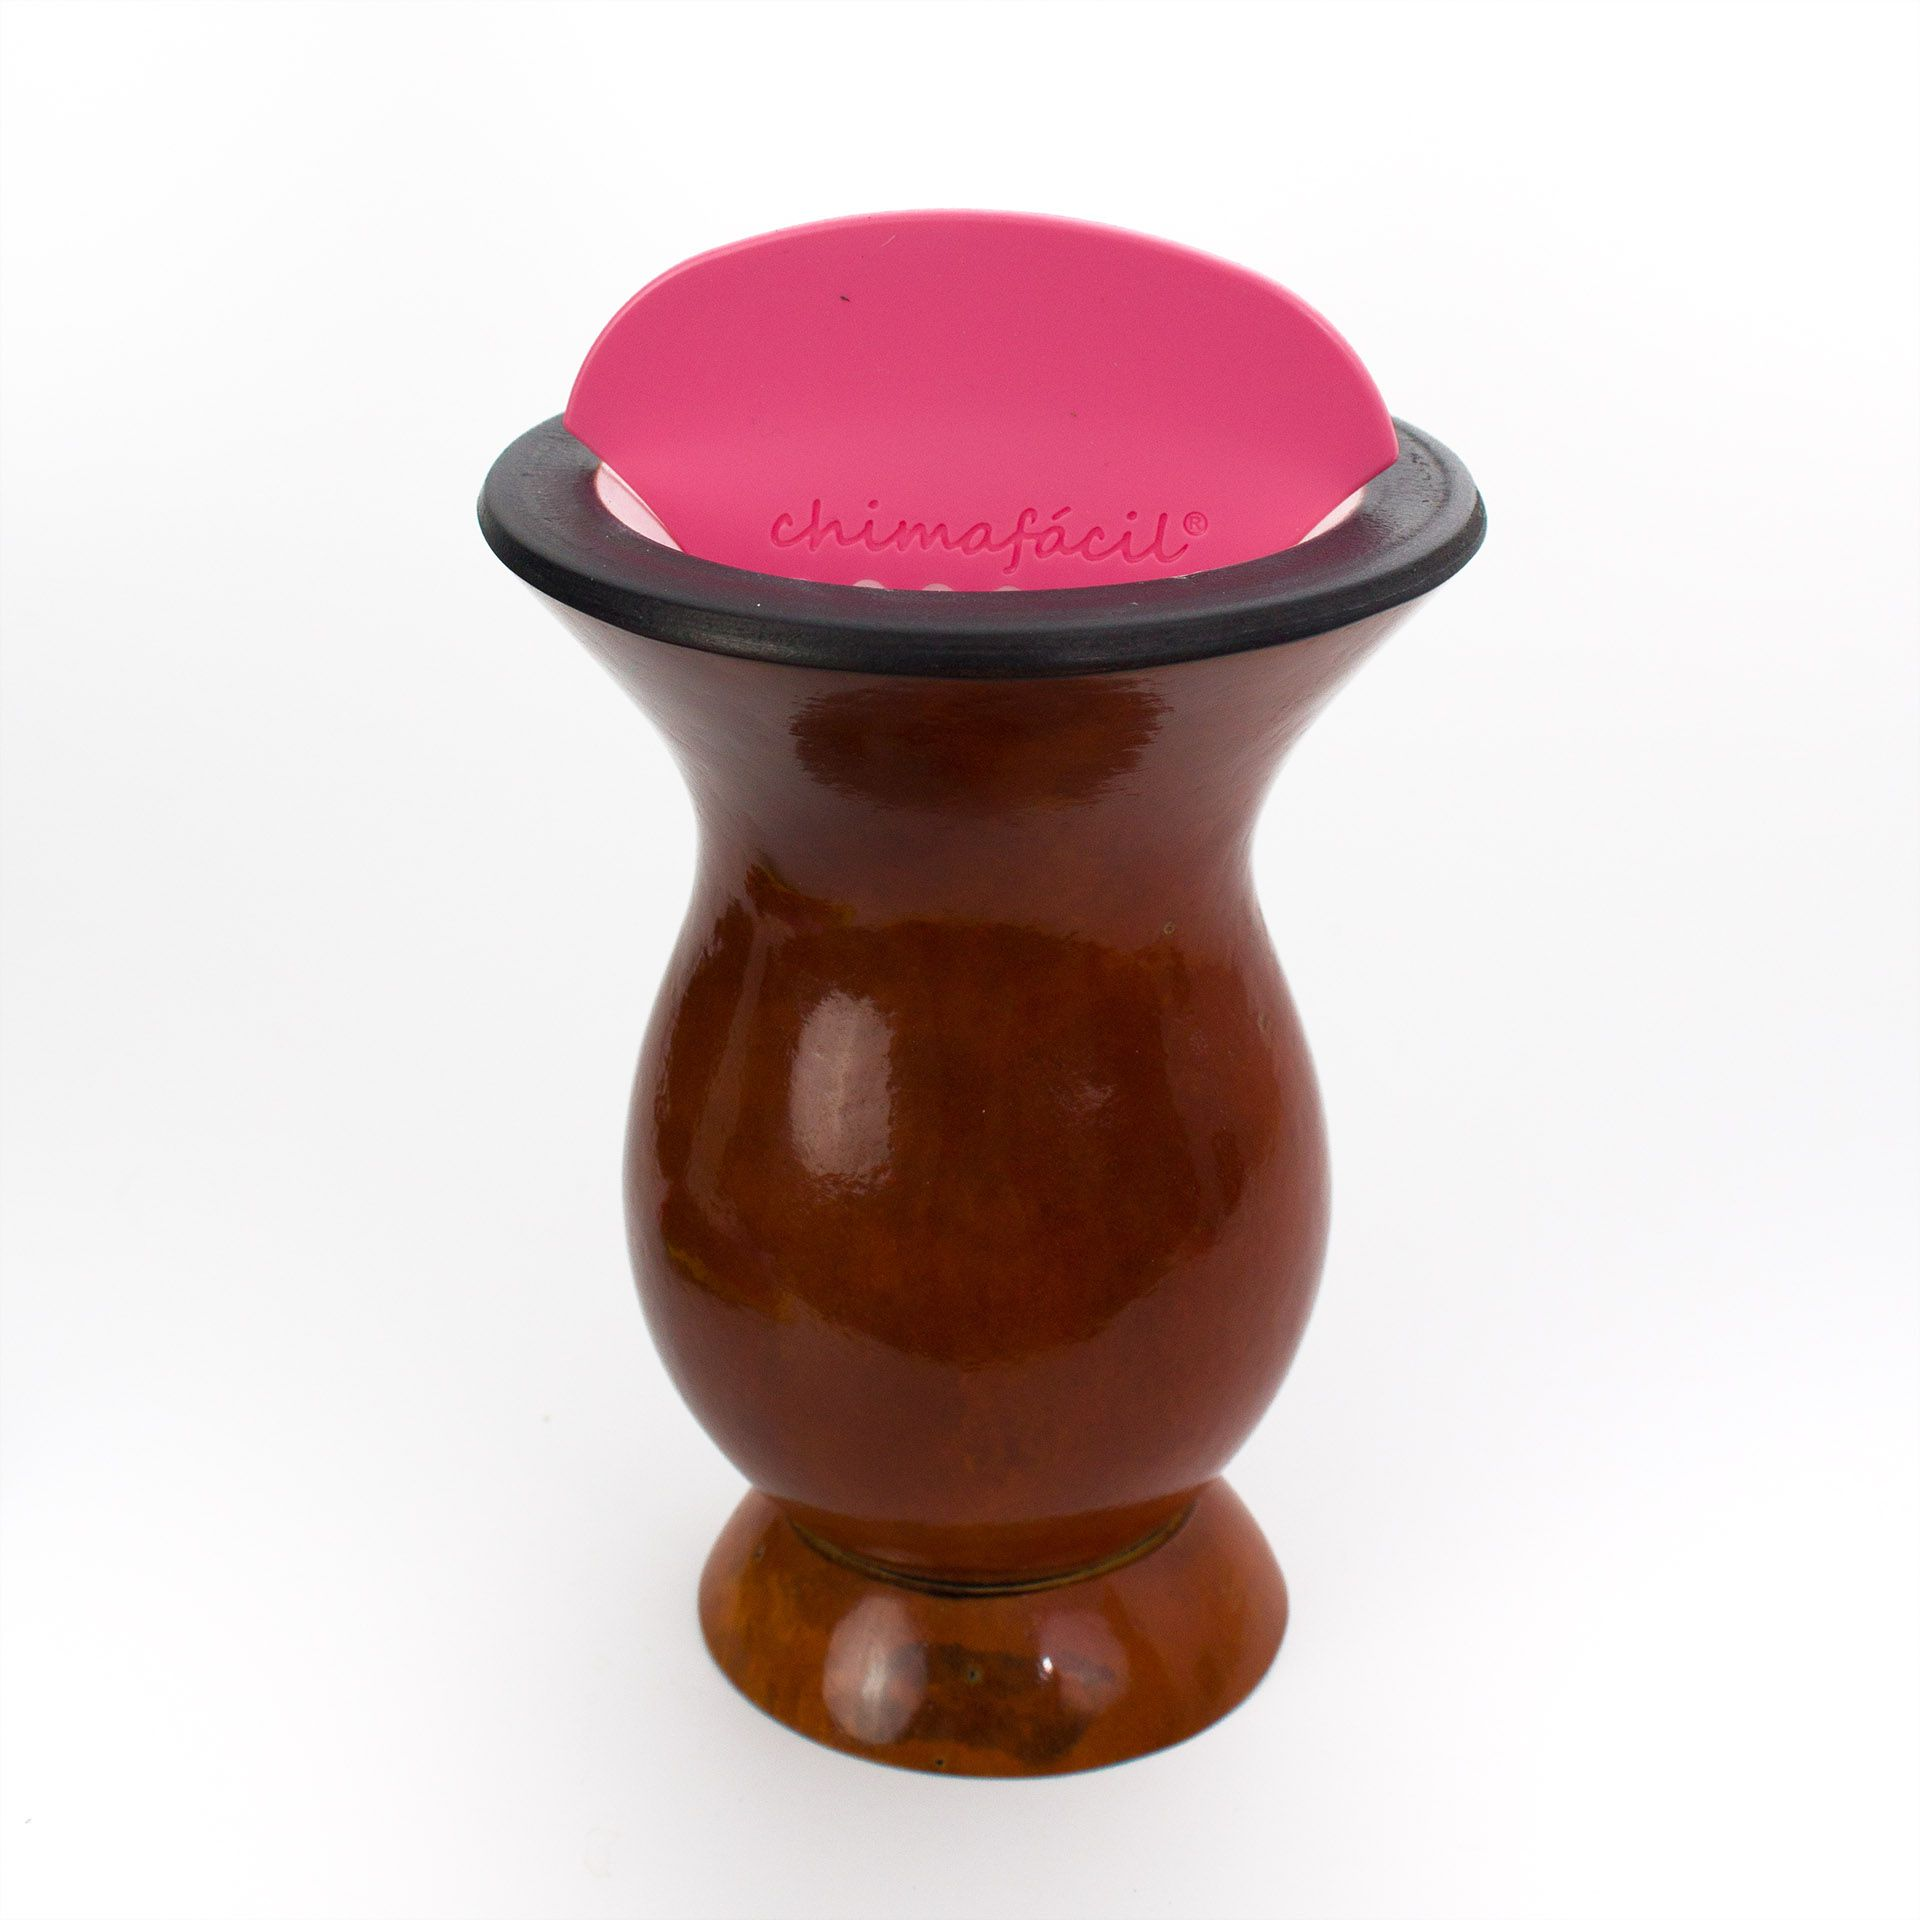 Cevador de chimarrão Chimafácil Rosa | Modelo Fino